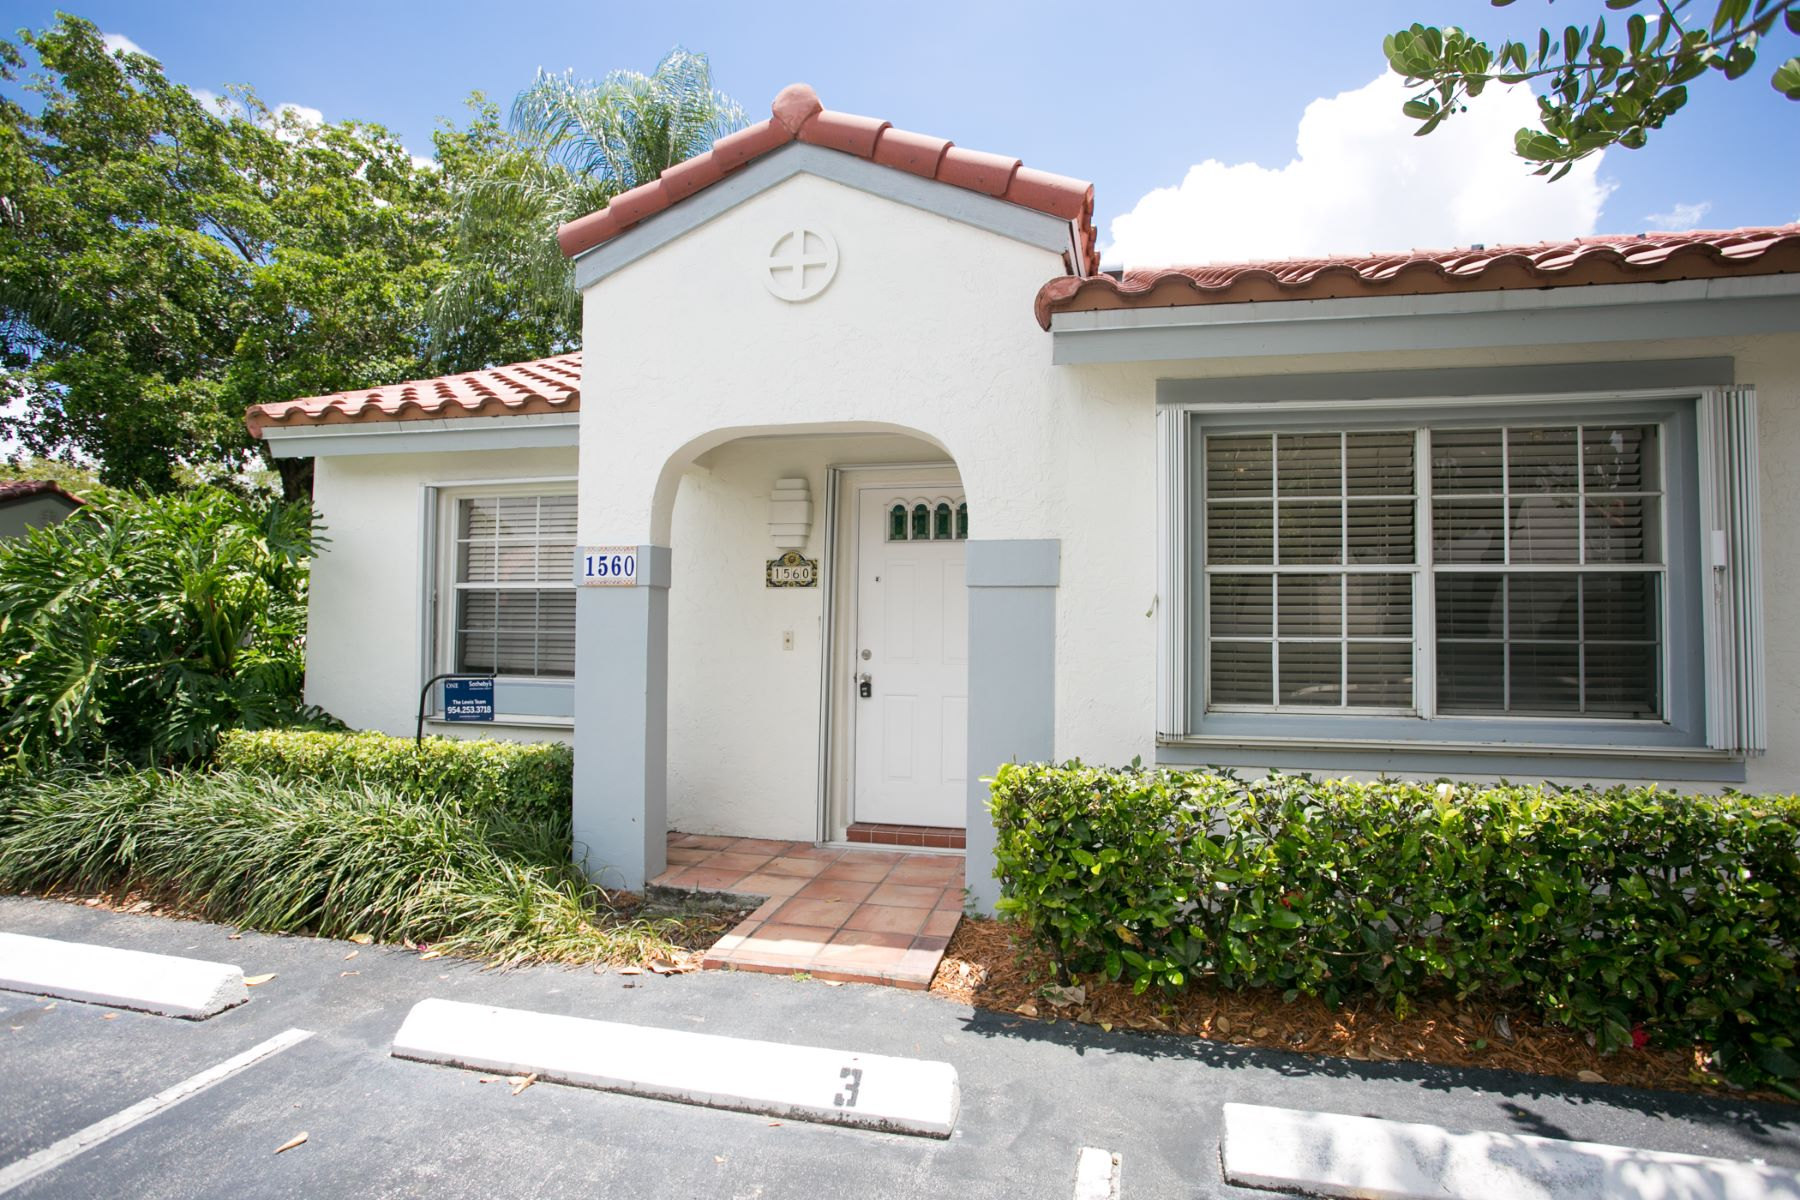 Maison unifamiliale pour l à louer à 1560 Springside Weston, Florida 33326 États-Unis